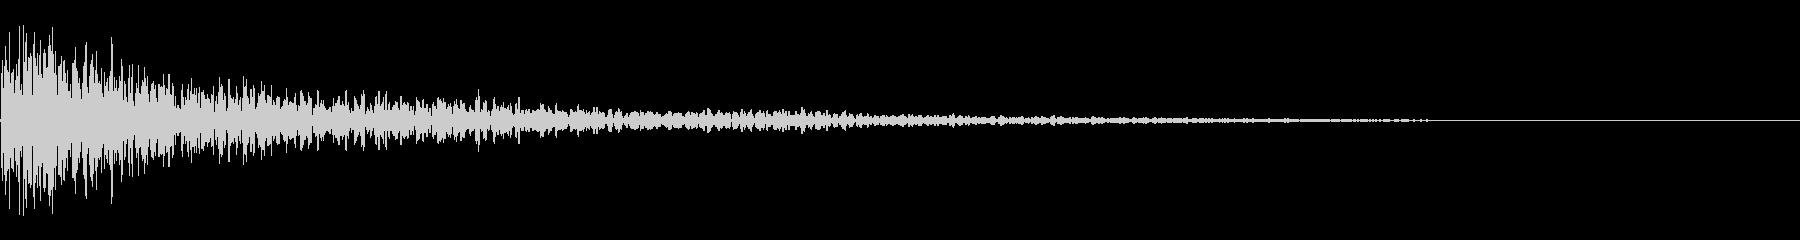 和太鼓 ドン01の未再生の波形